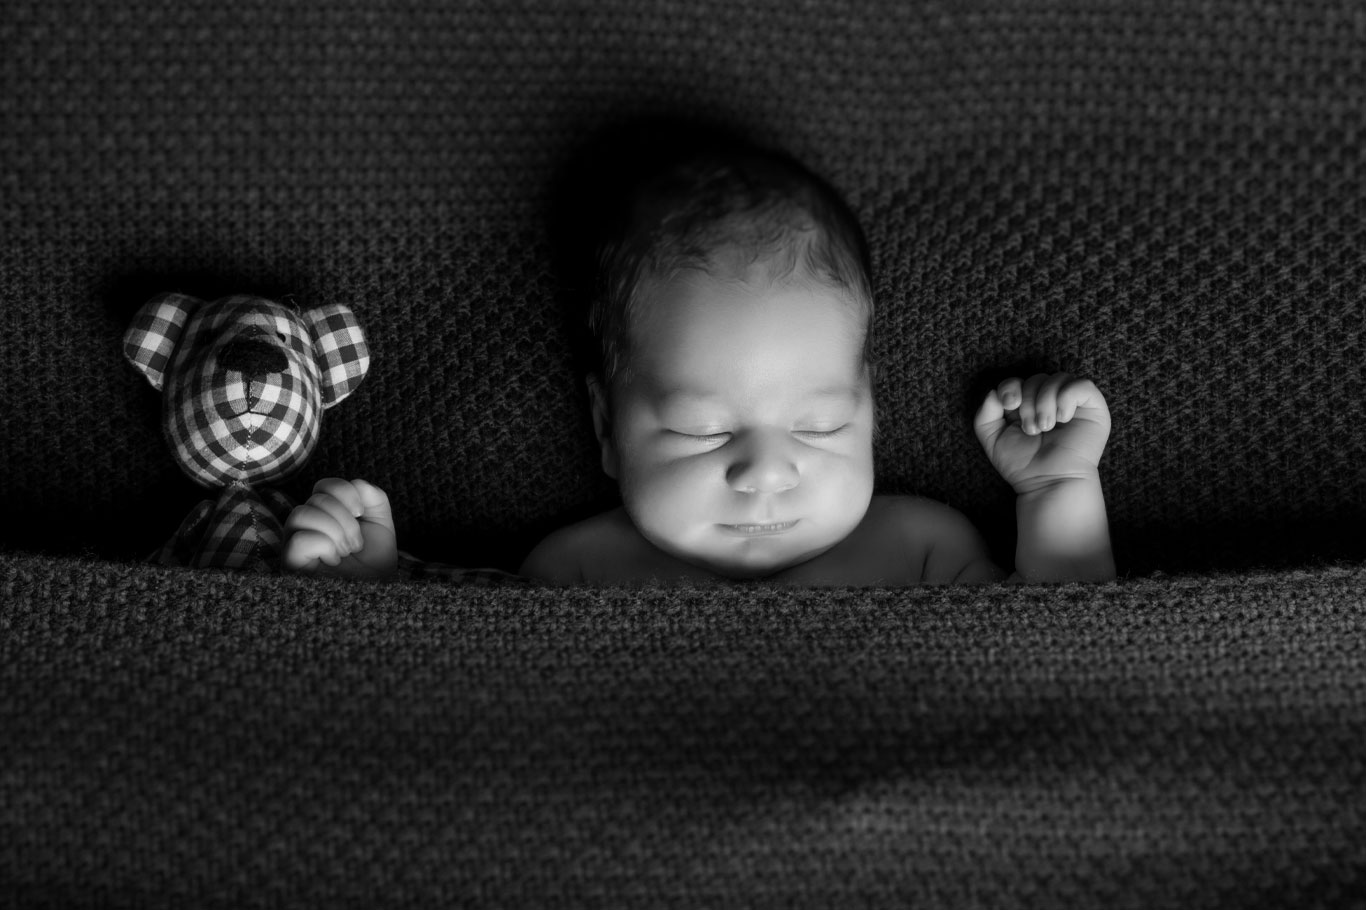 monohromatska slika novorođene bebe kako leži pokrivena do ramena sa plišanim medom.